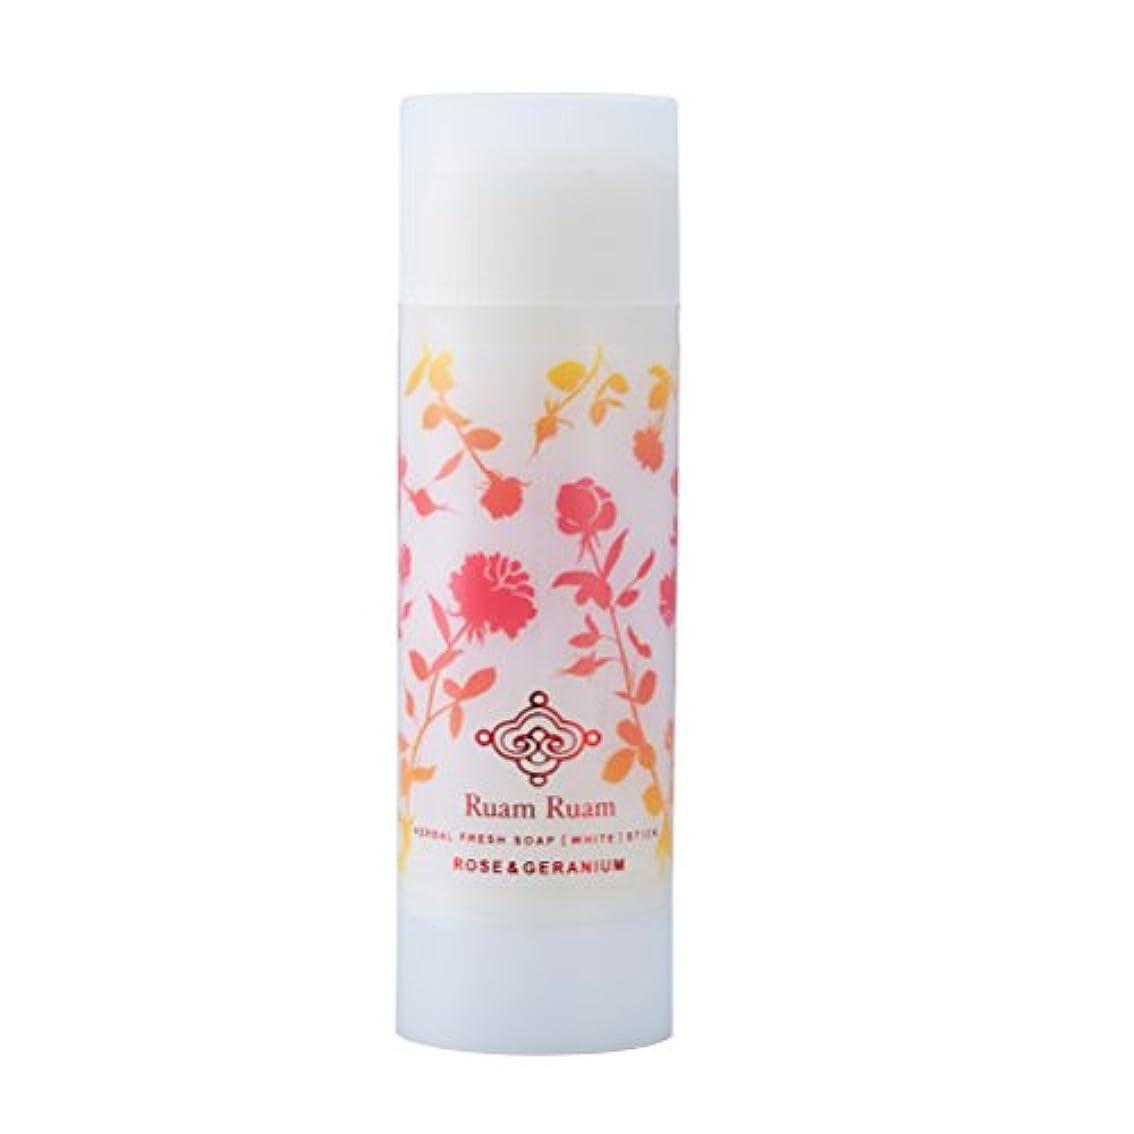 四テクトニック禁輸ルアンルアン(Ruam Ruam) 洗顔石鹸(白) ローズアンドゼラニウム 90g